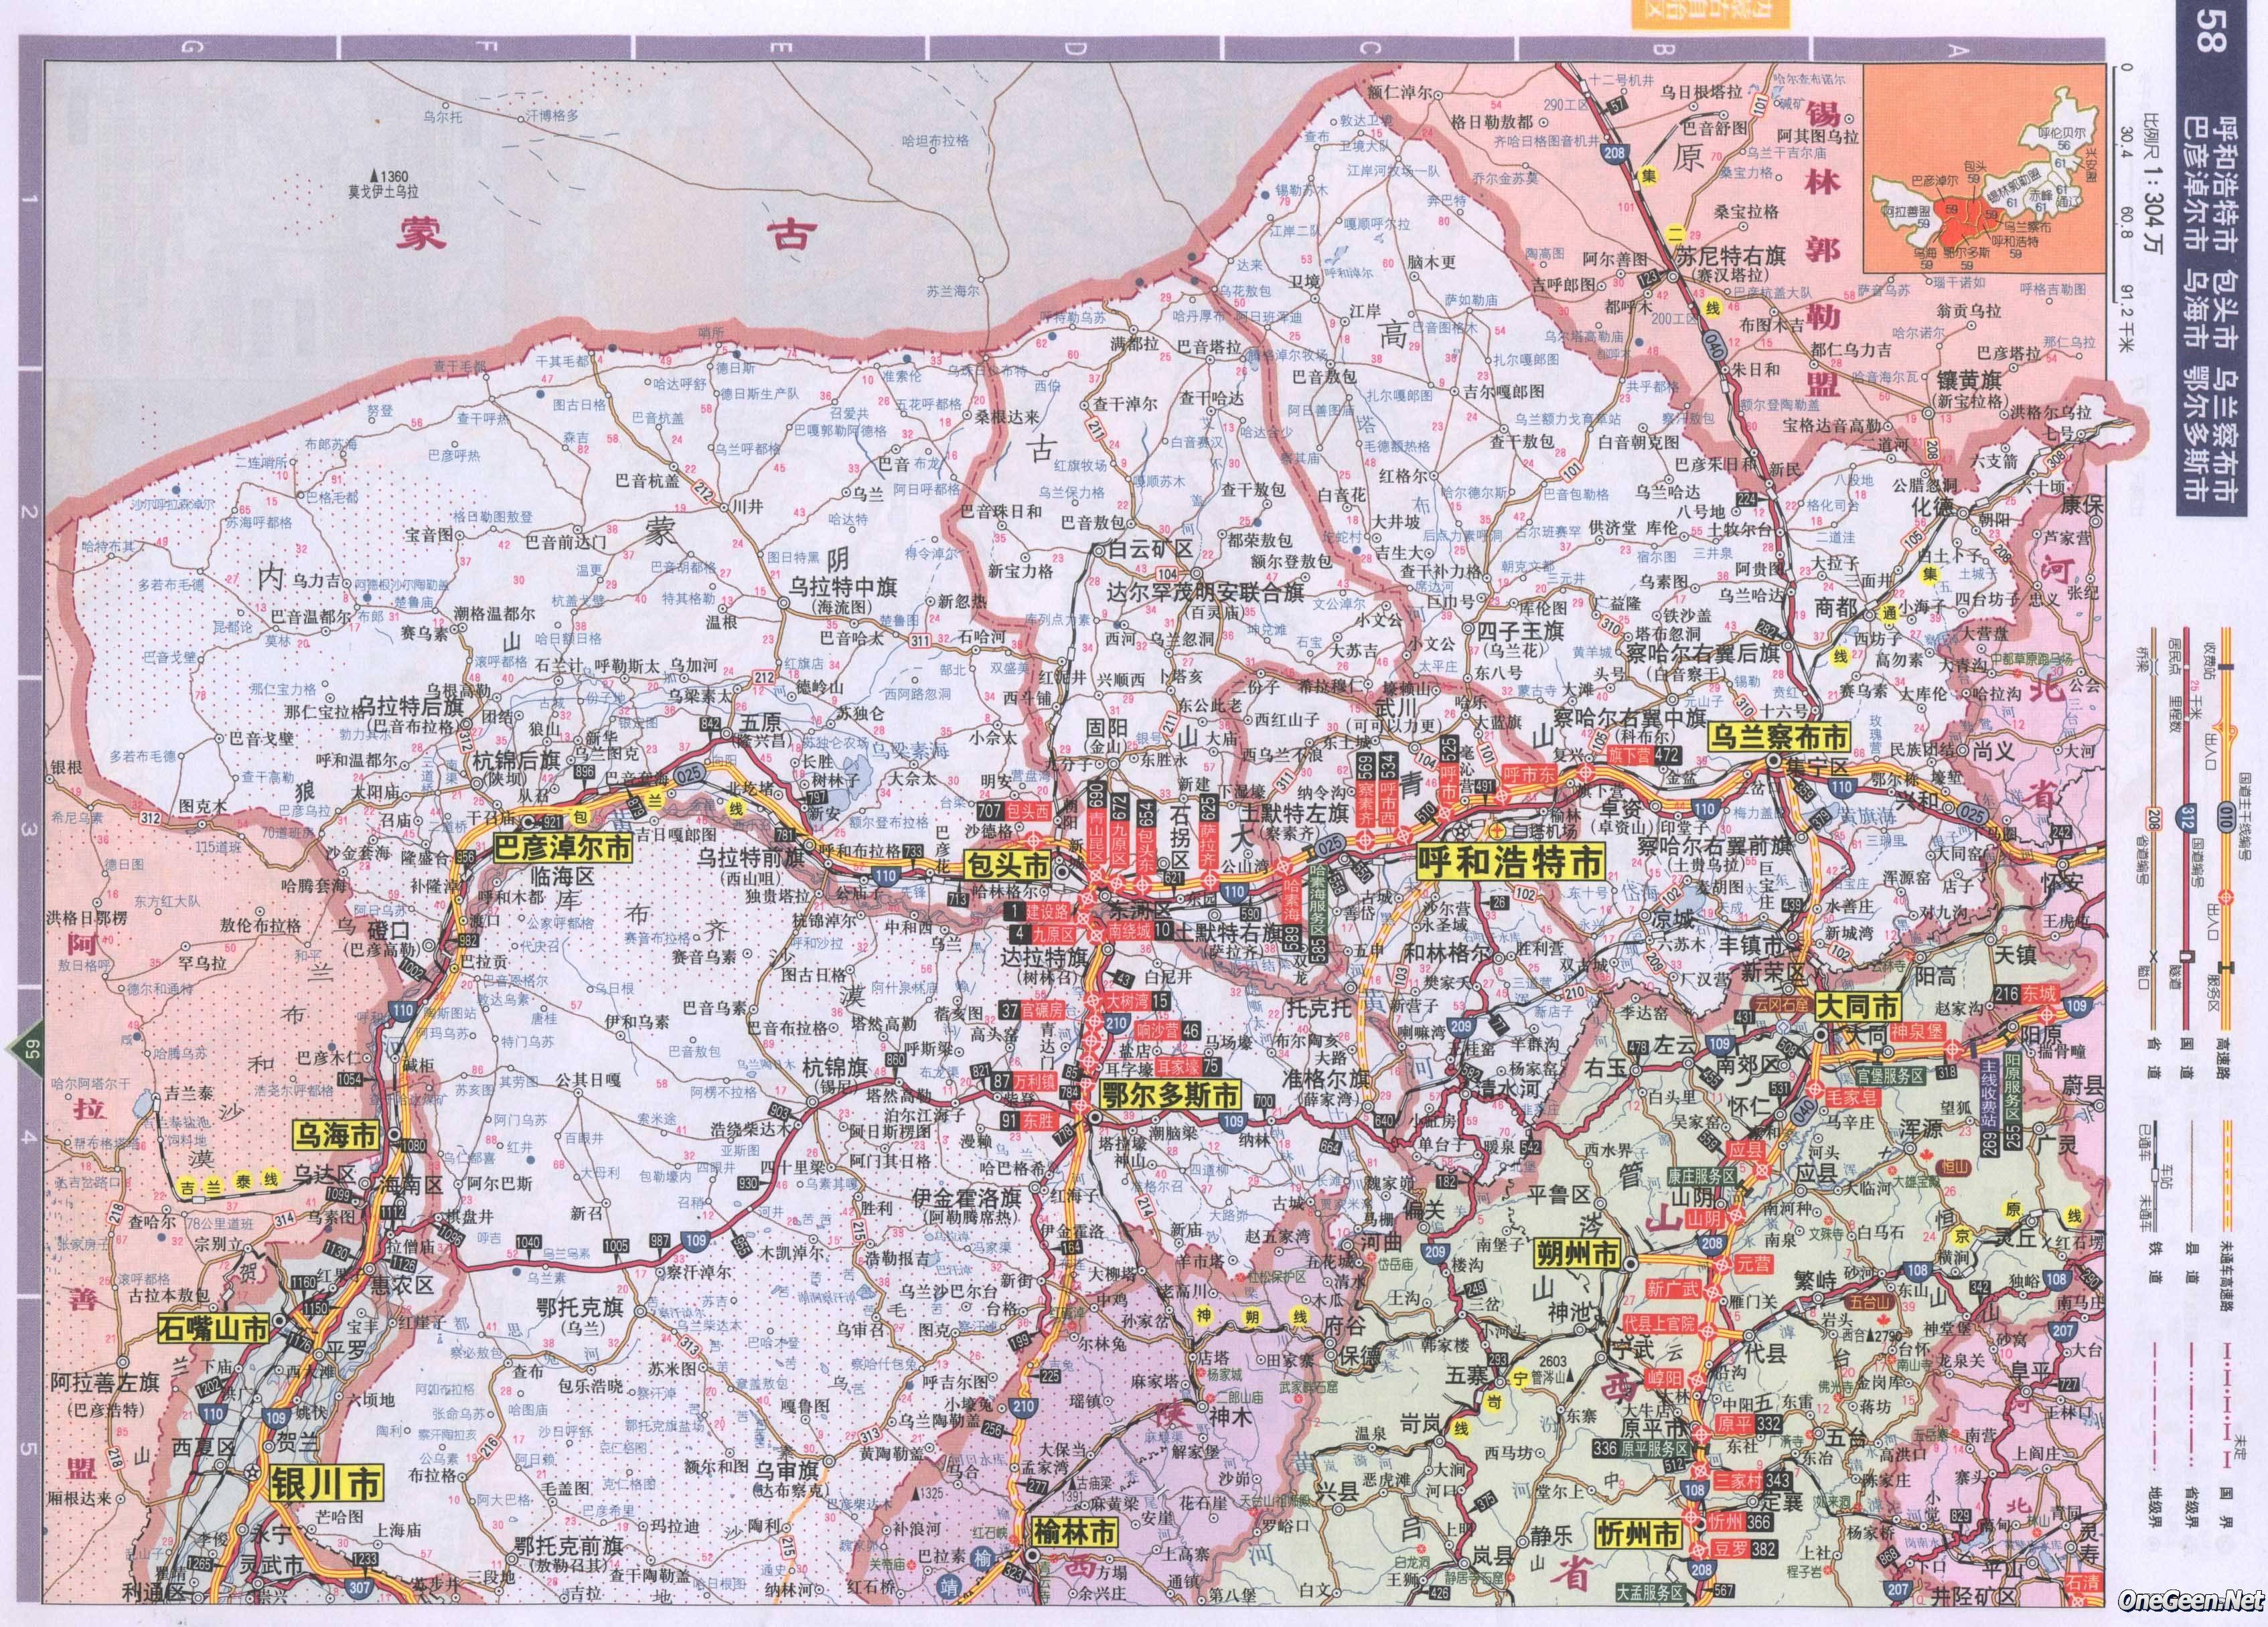 内蒙古公路交通地图(2)_公路地图地图查询